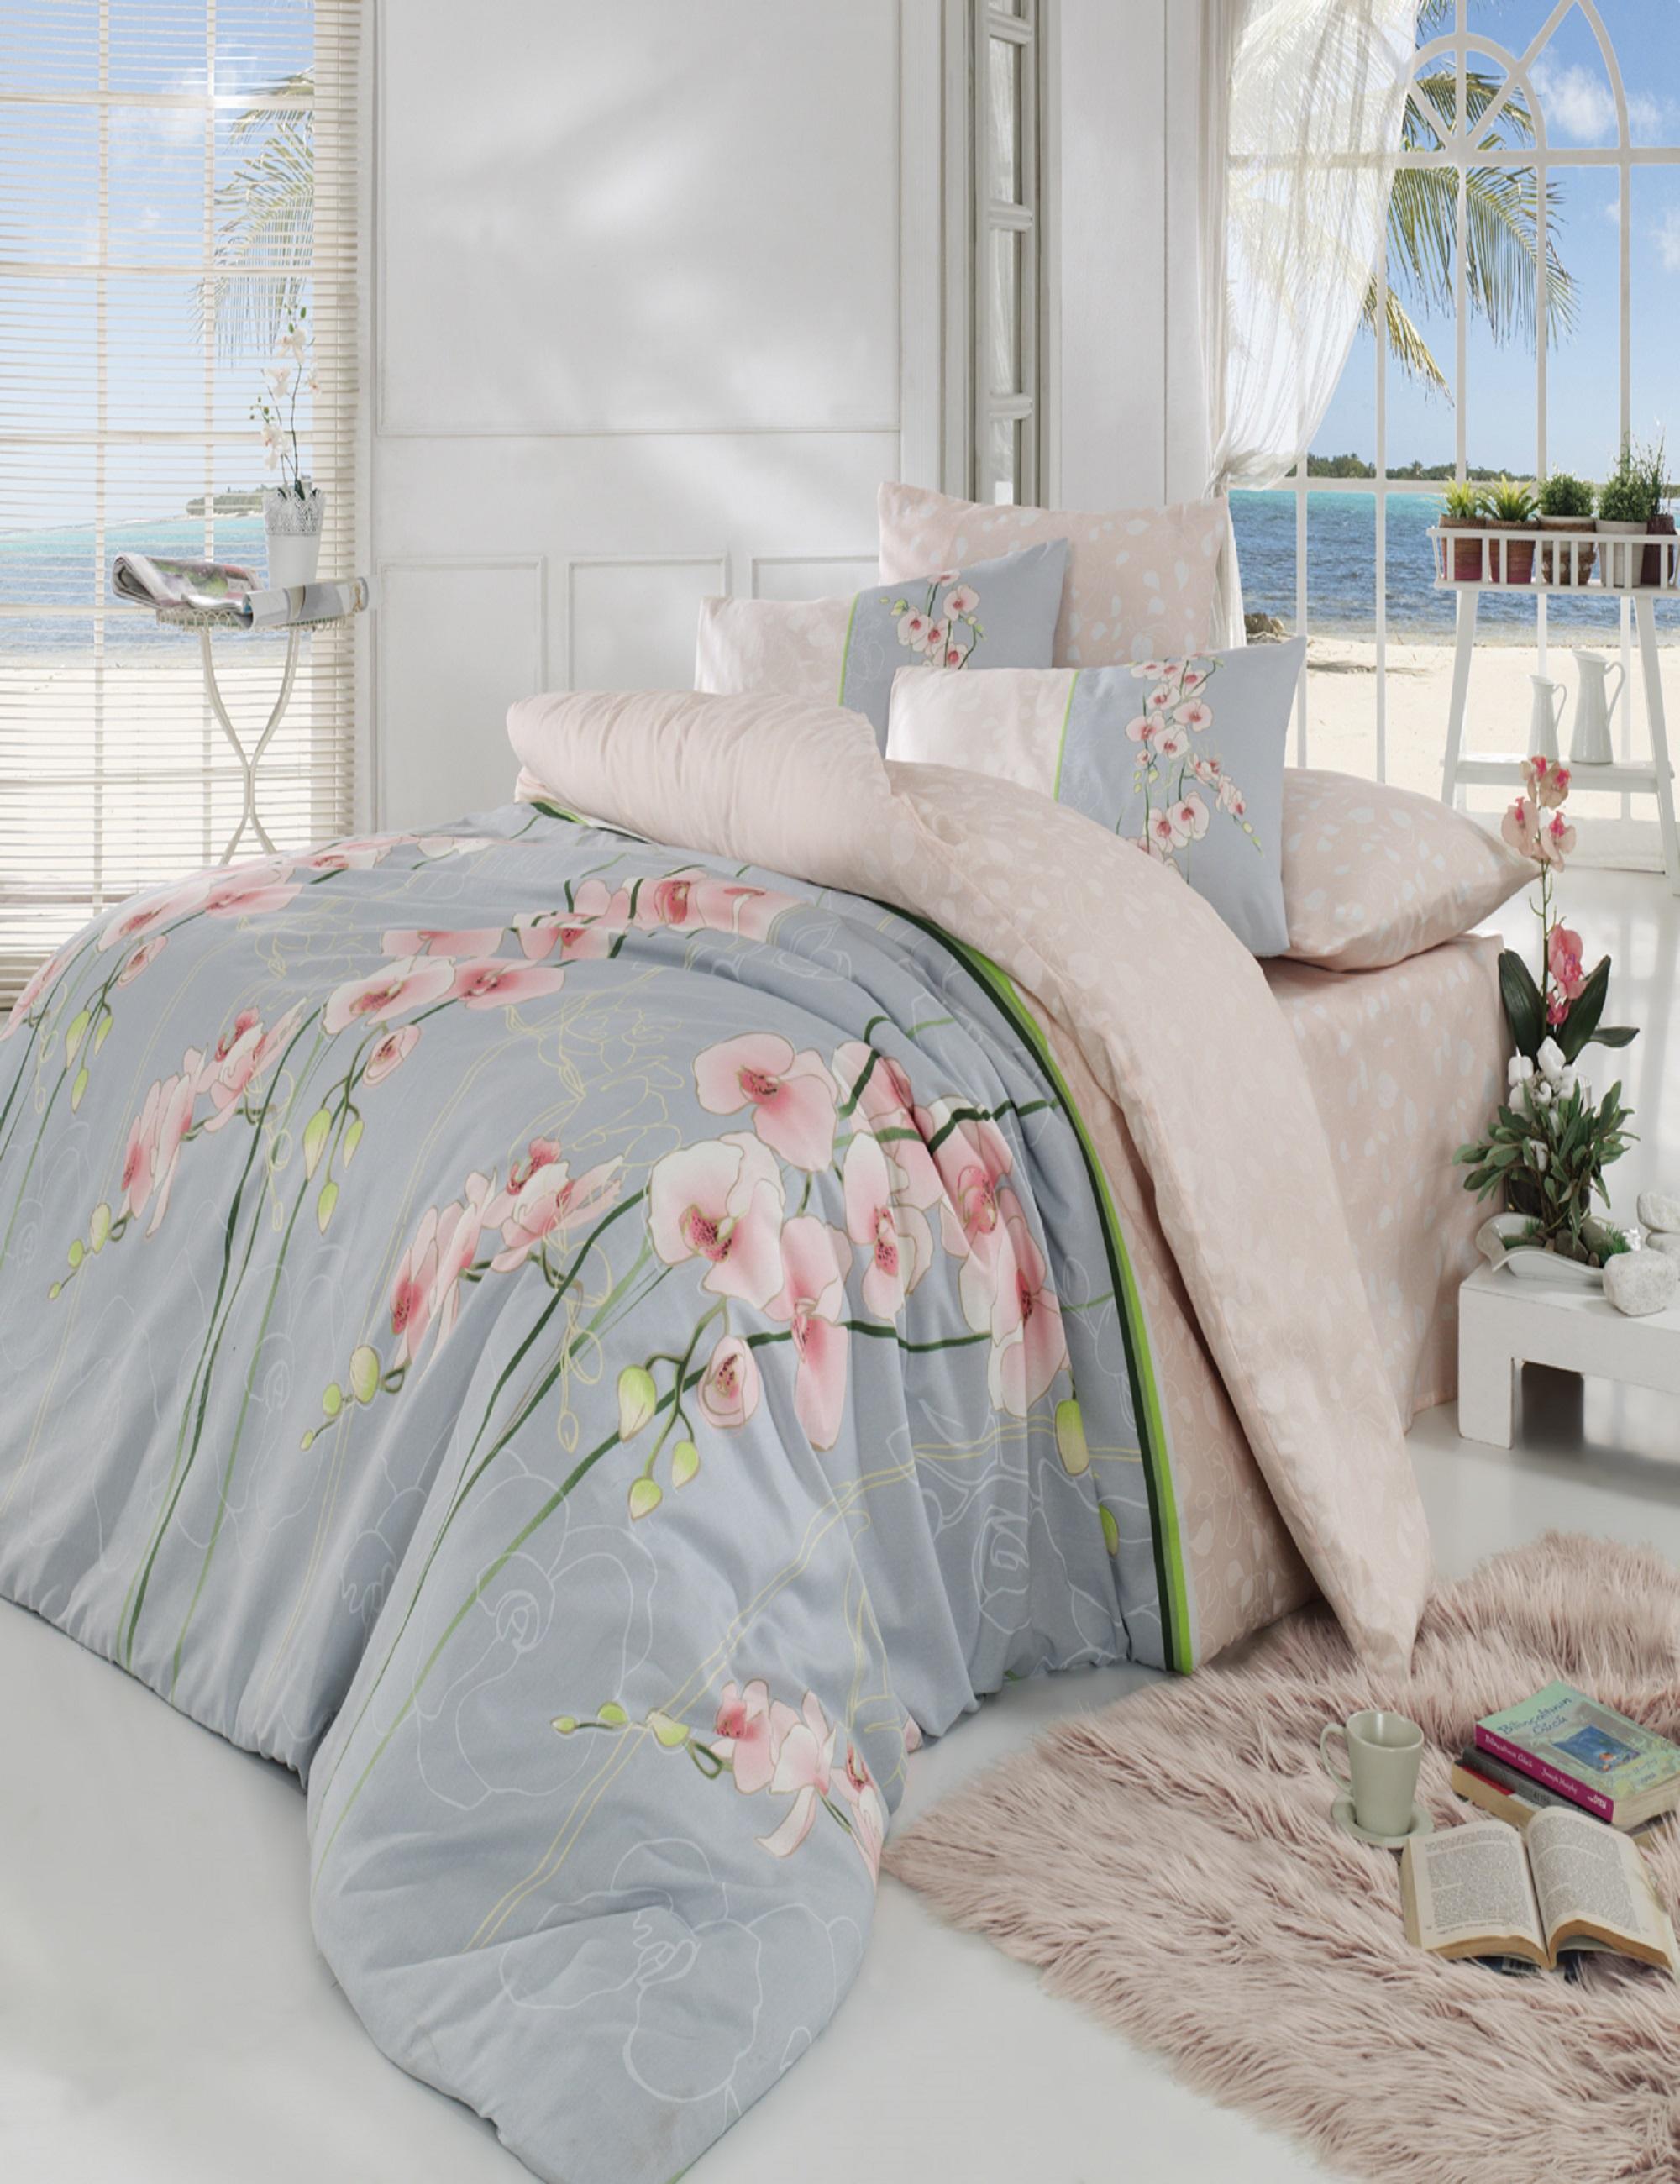 Постельное белье Cotton Life Постельное белье Orkide Цвет: Персиковый (1,5 спал.) cotton life постельное белье patchwork цвет красный 1 5 спал